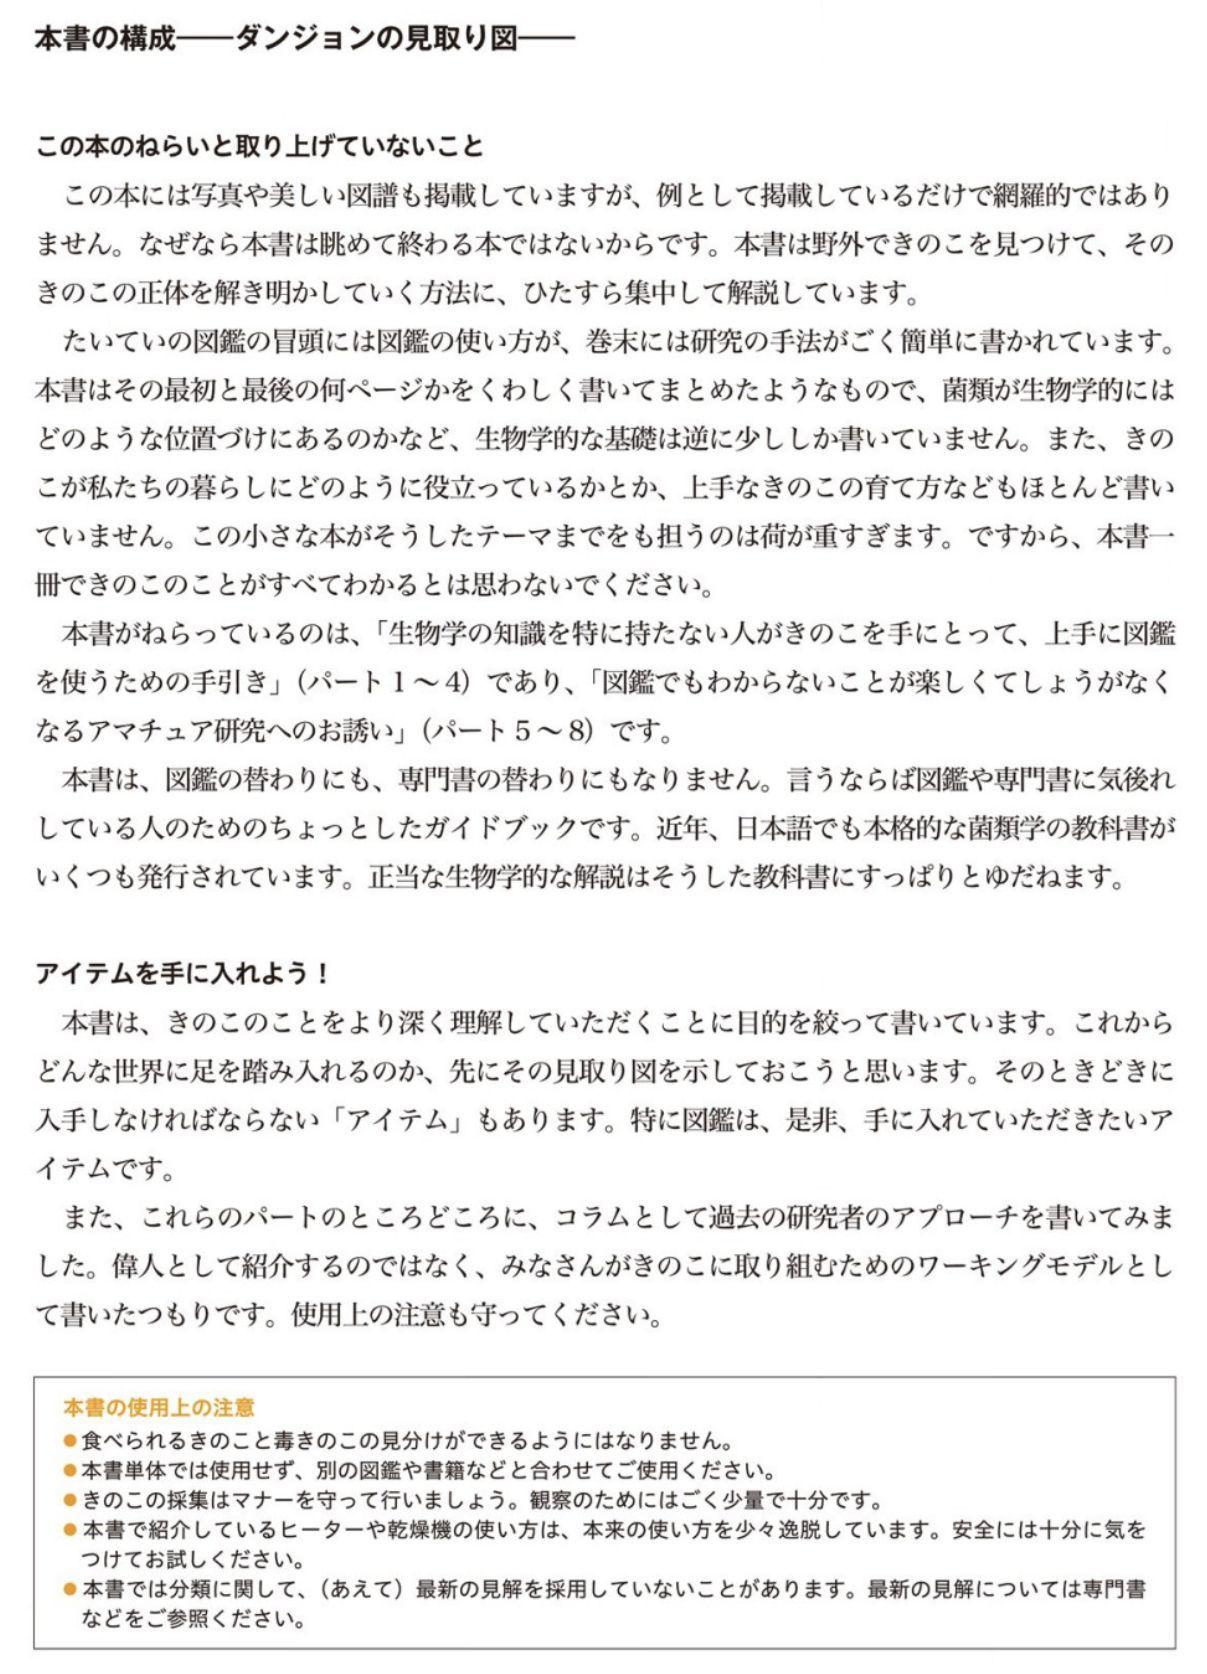 寒さが戻り「キノコの教科書」を読む_c0025115_21223115.jpg